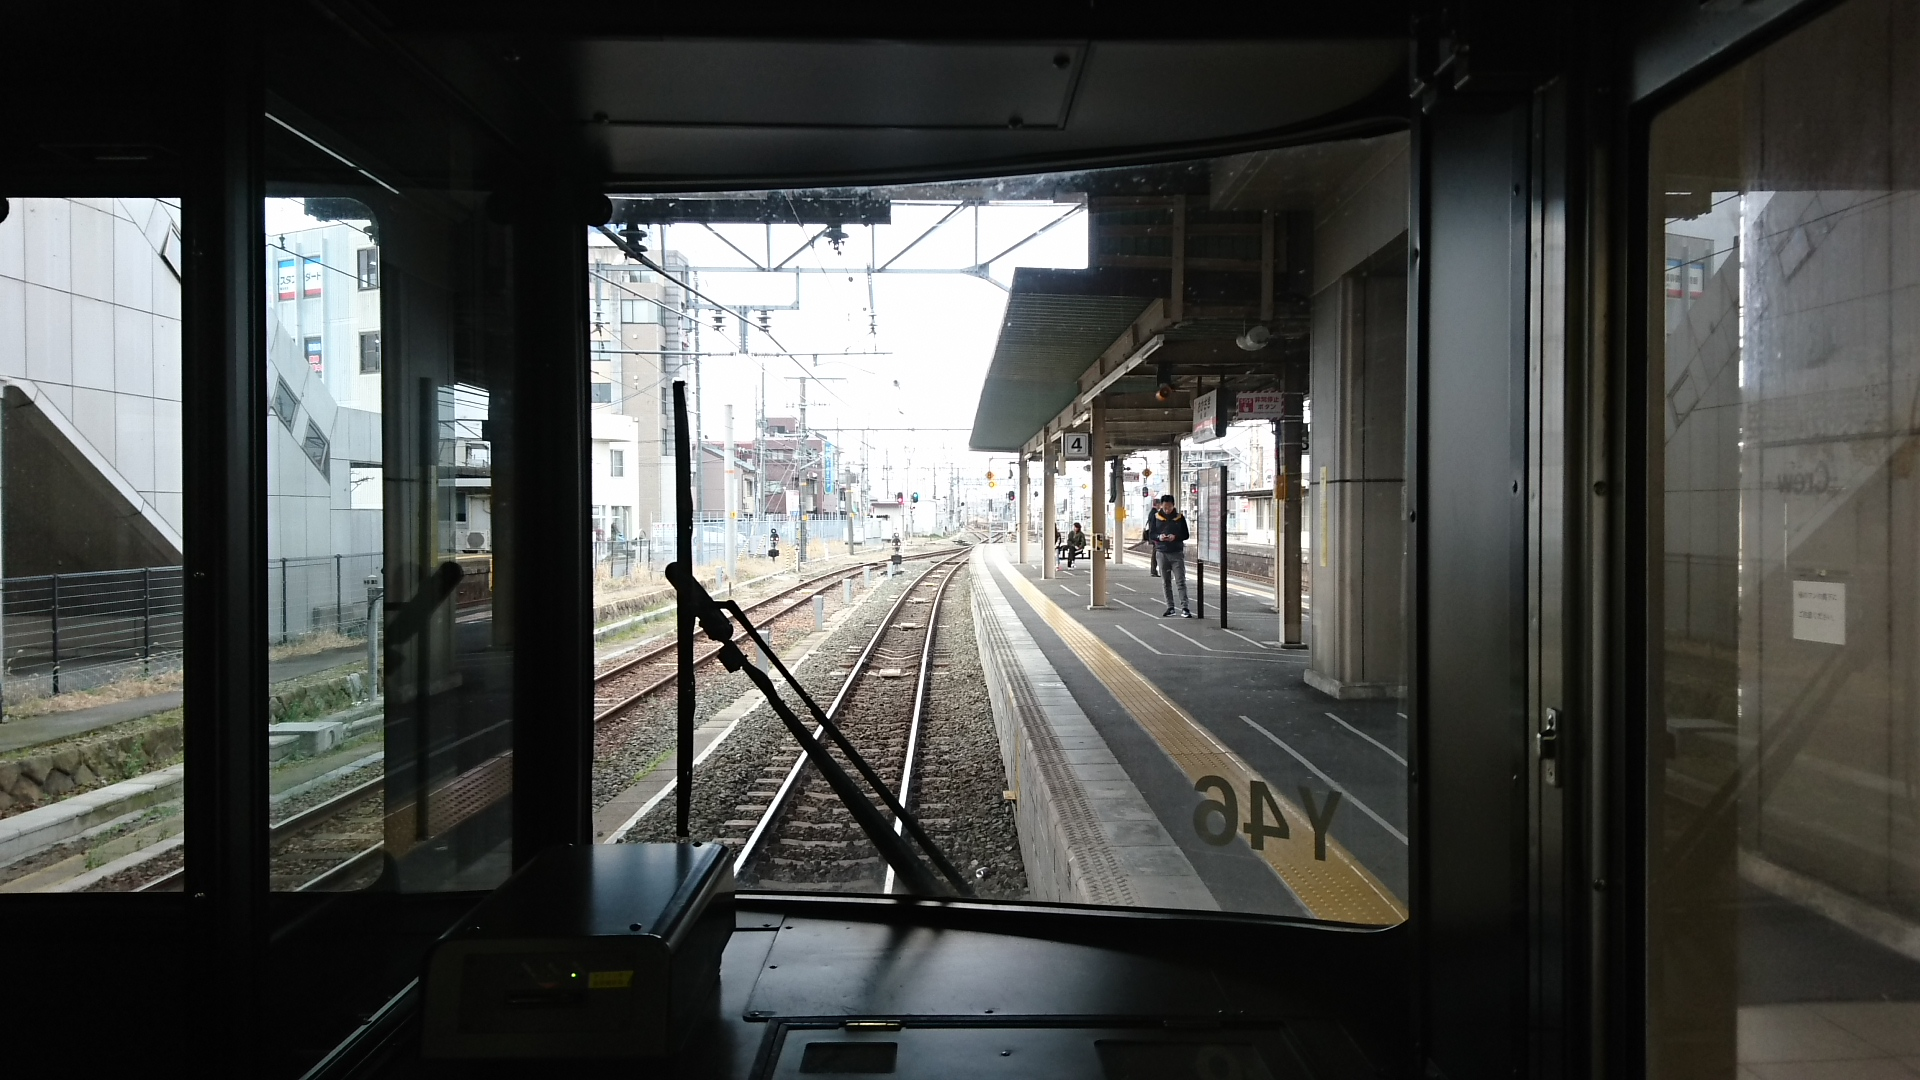 2017.3.25 東海道線 (5) 岐阜いきふつう - 岡崎しゅっぱつ 1820-1080